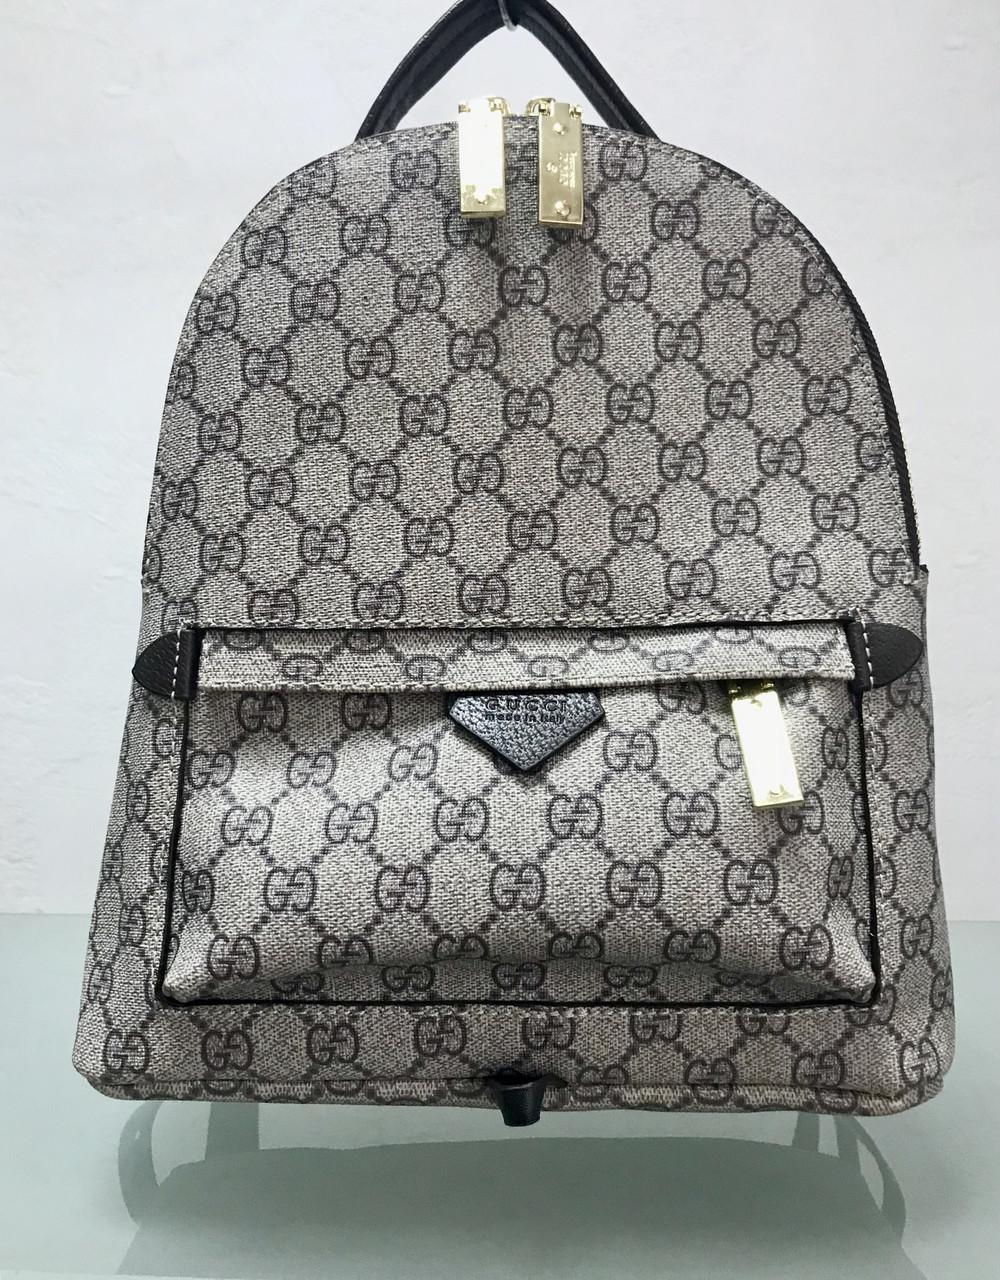 Сумка рюкзак Gucci бежевый в логотипах